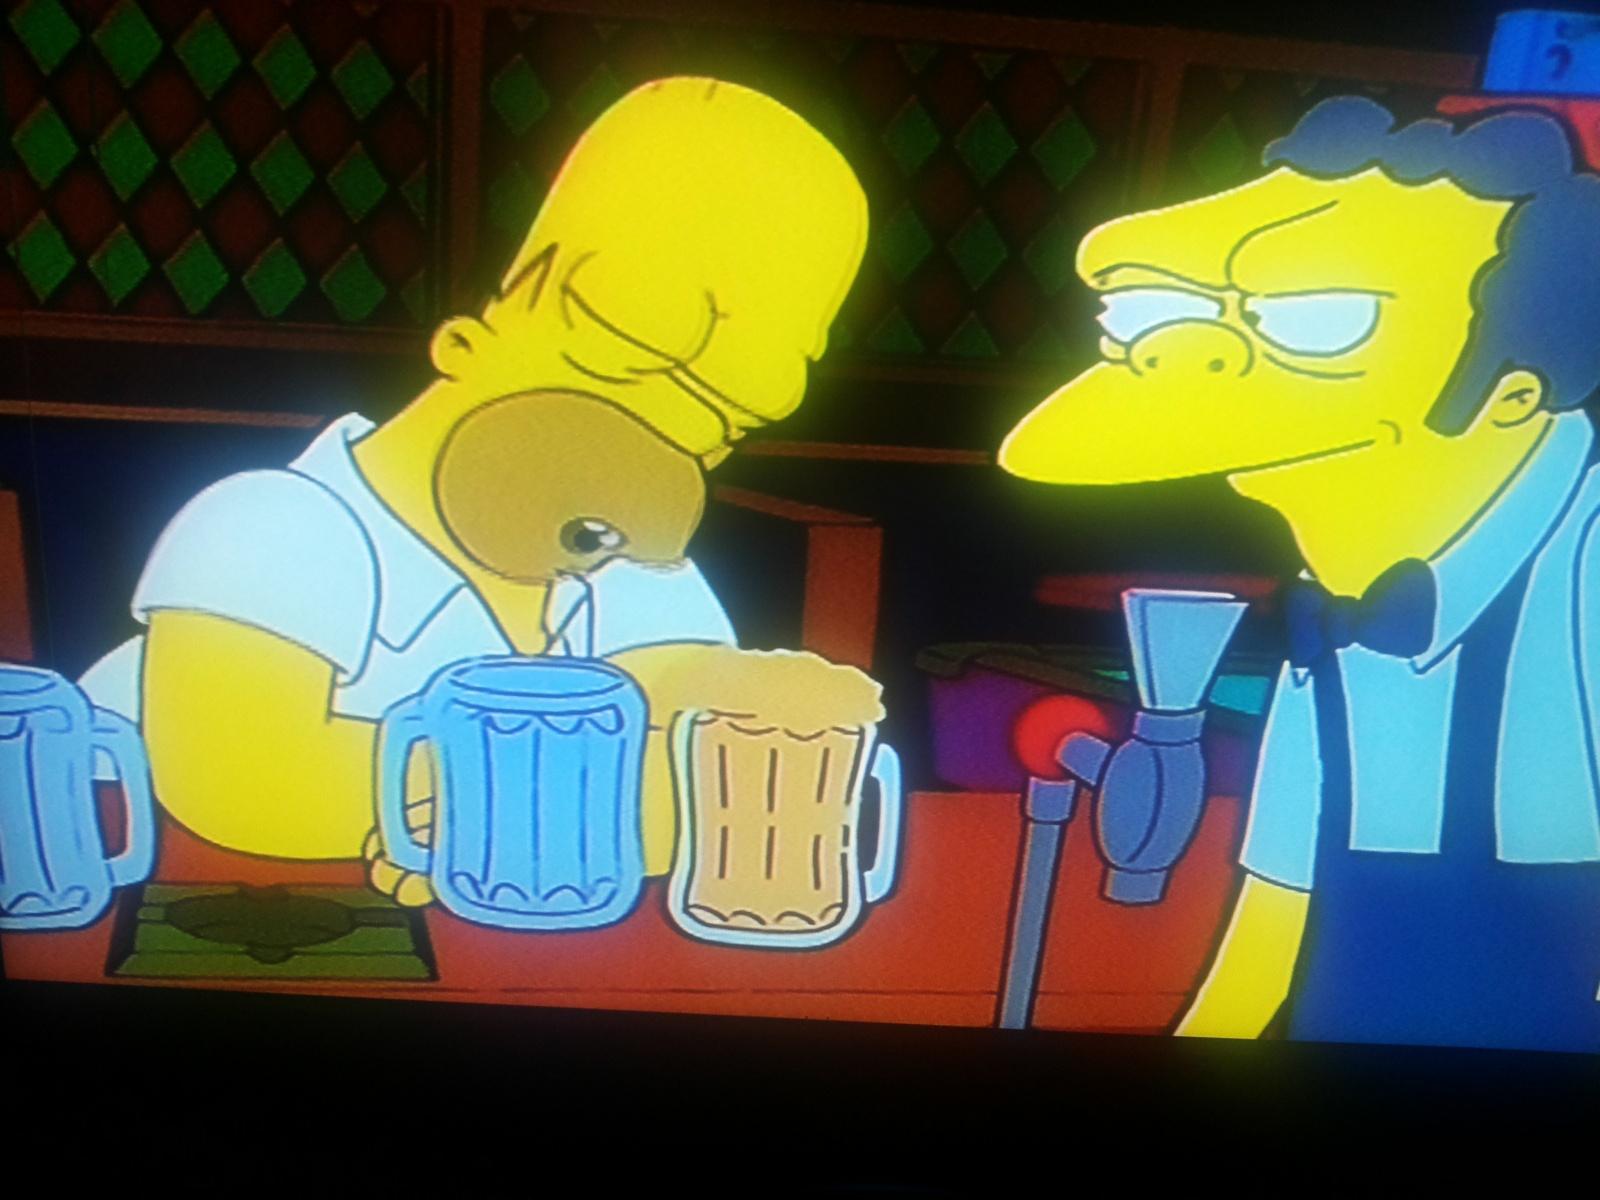 """Lietuvoje atgijo alkoholio draudimų vajus, bet """"Simpsonus"""" pamirštam?"""